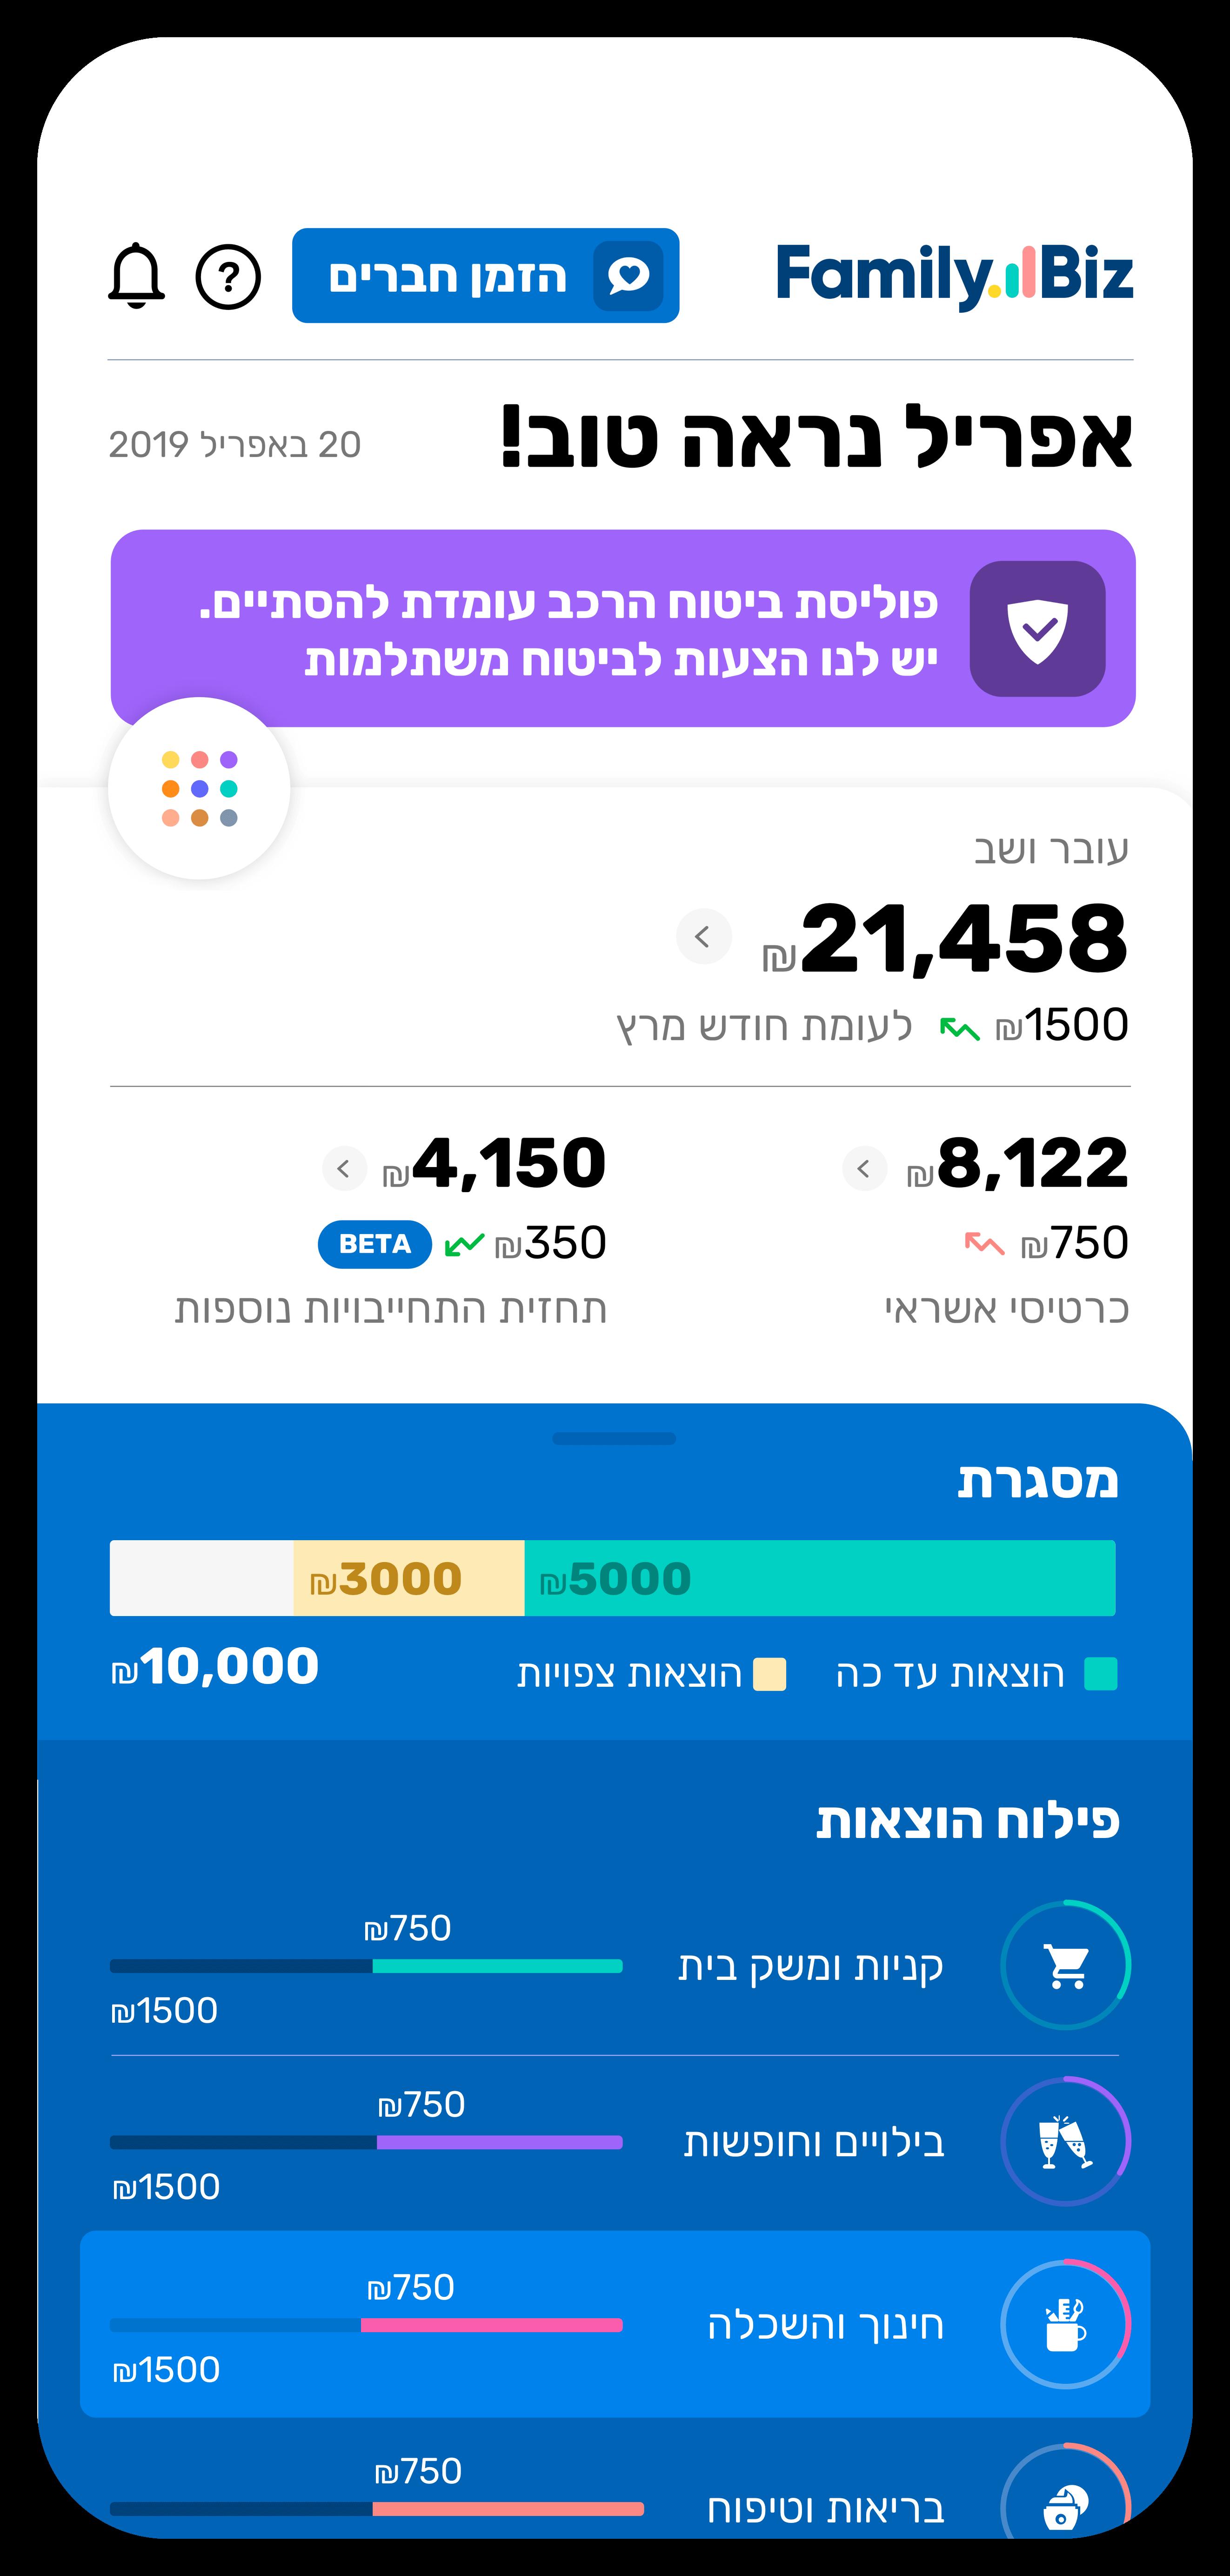 FamilyBiz App